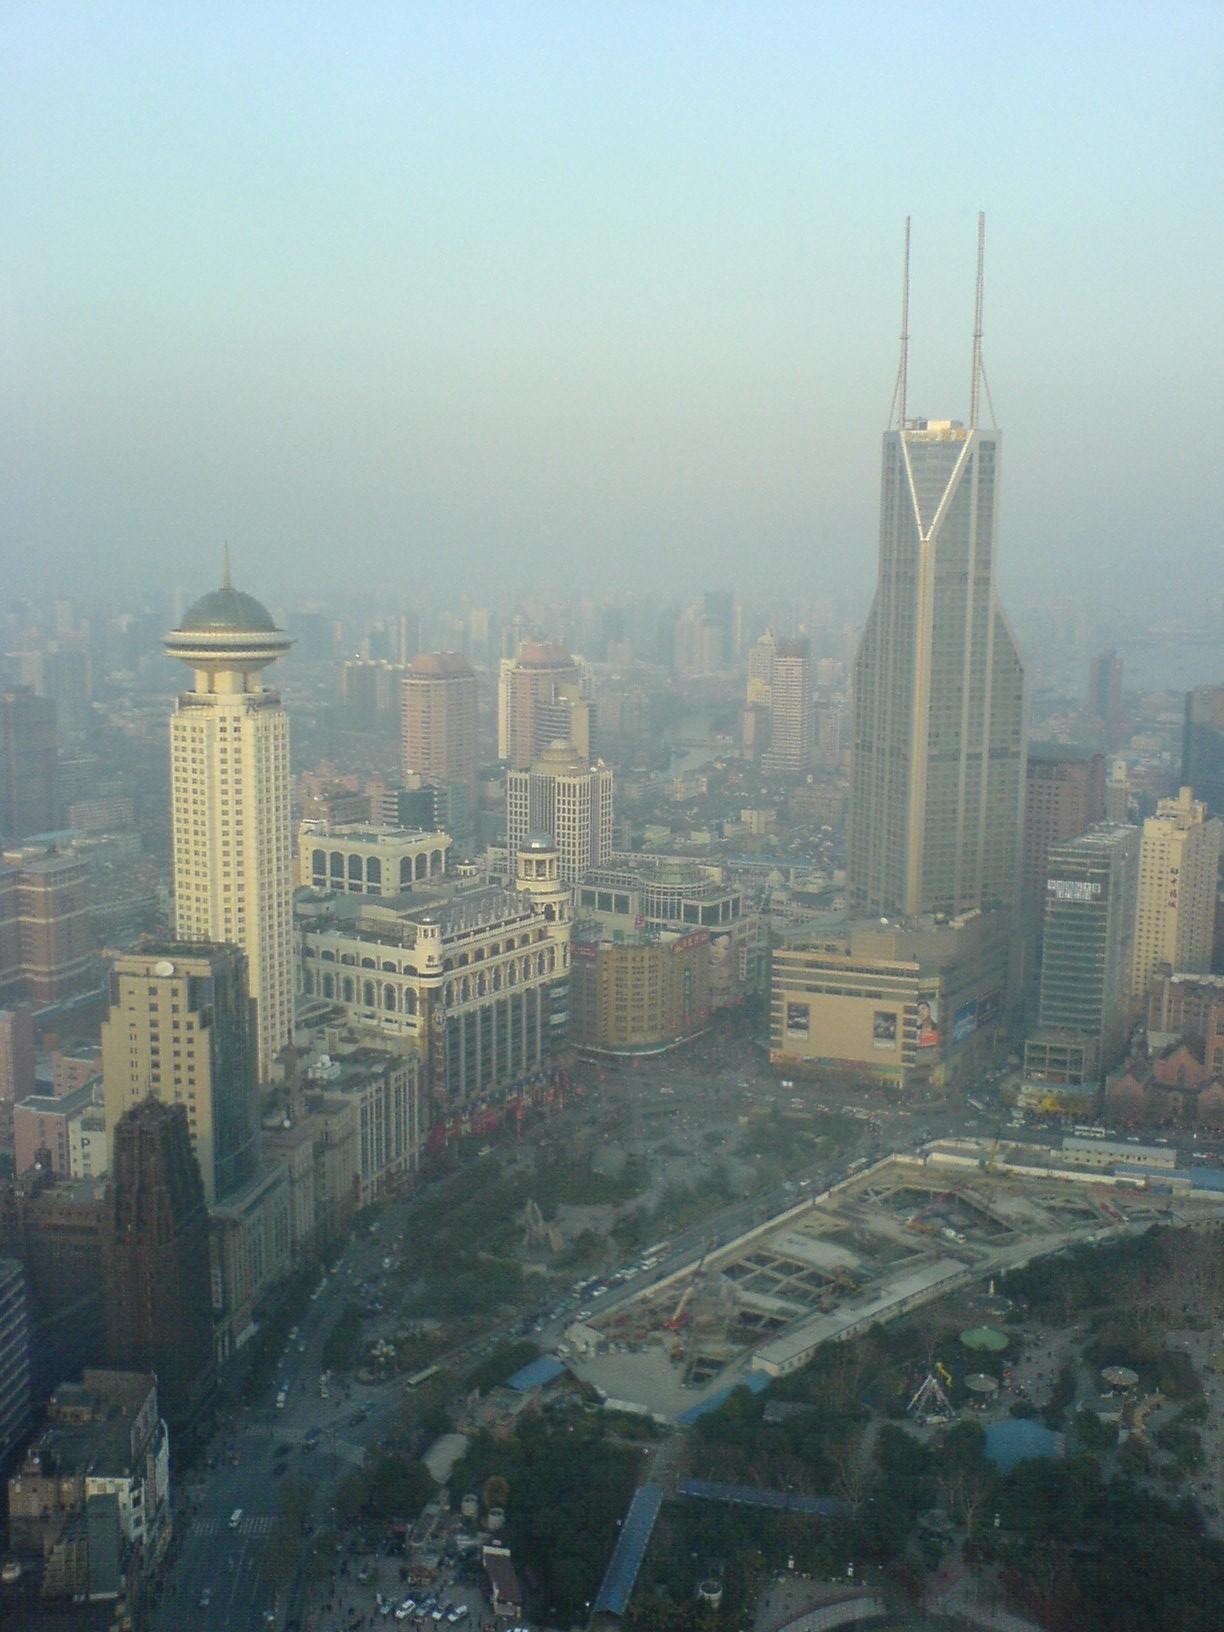 Where is the clean air?